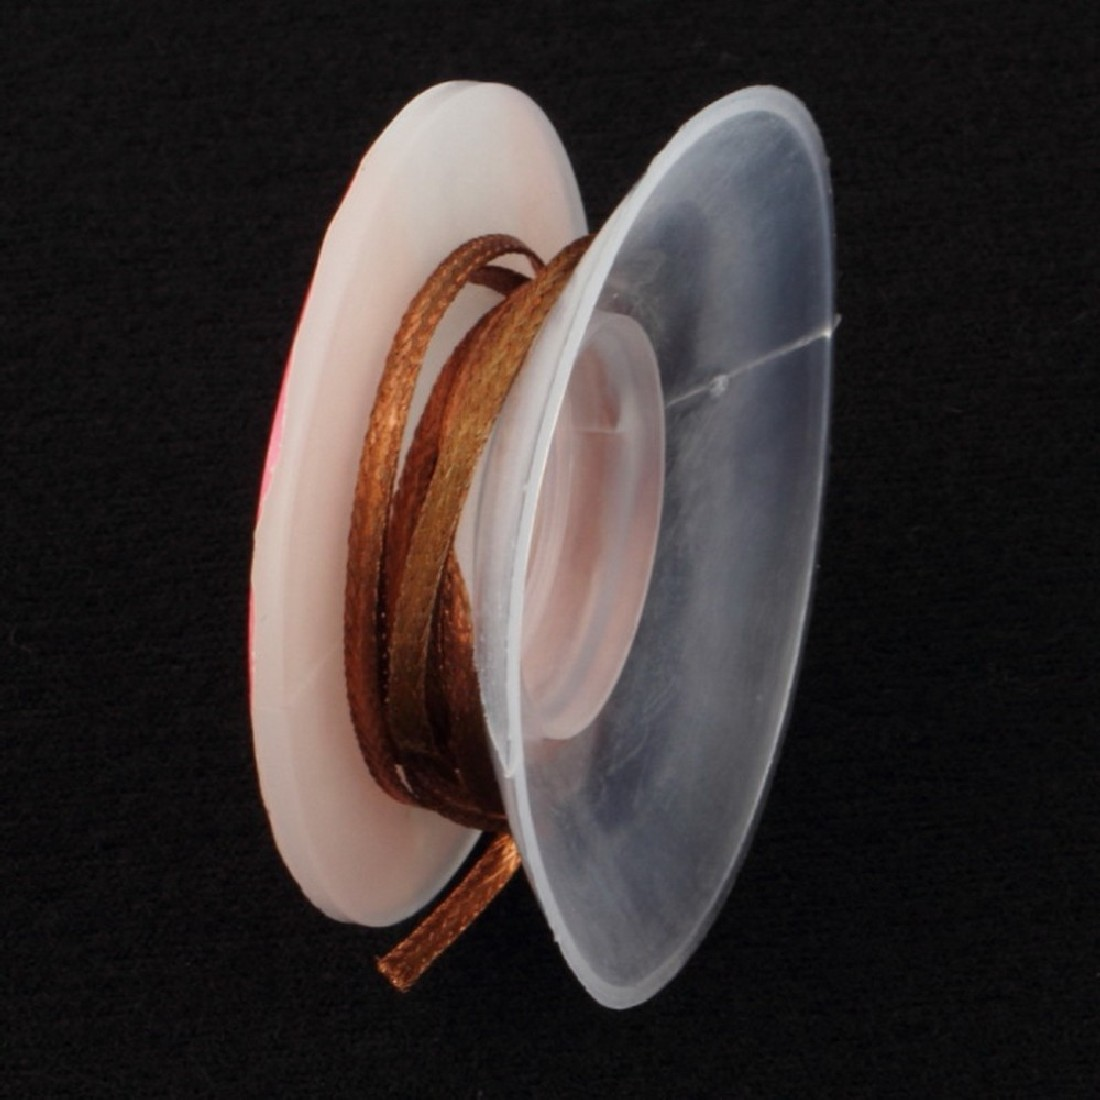 Großhandel solder copper wire Gallery - Billig kaufen solder ...